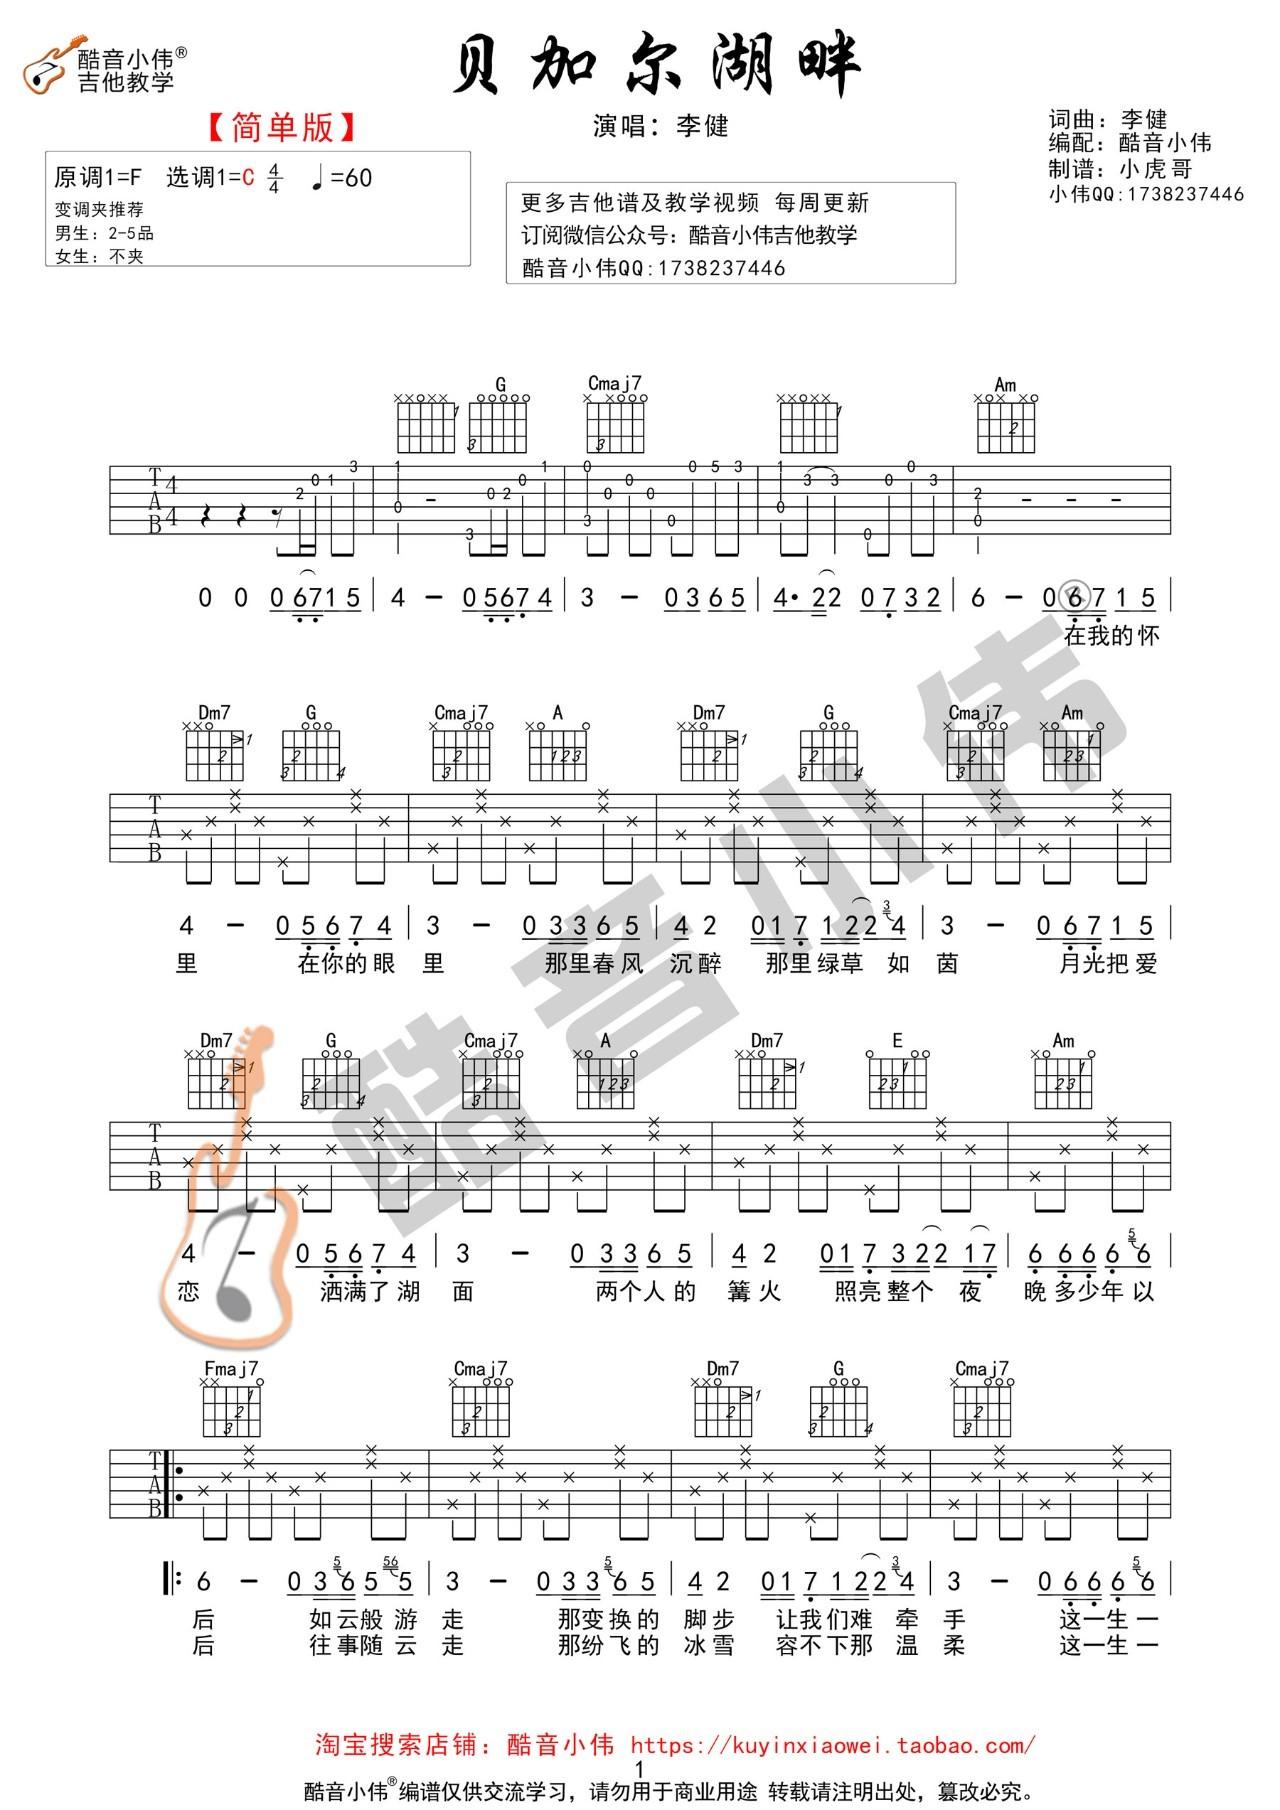 贝加尔湖畔 李健吉他谱及教学视频发布 酷音小伟